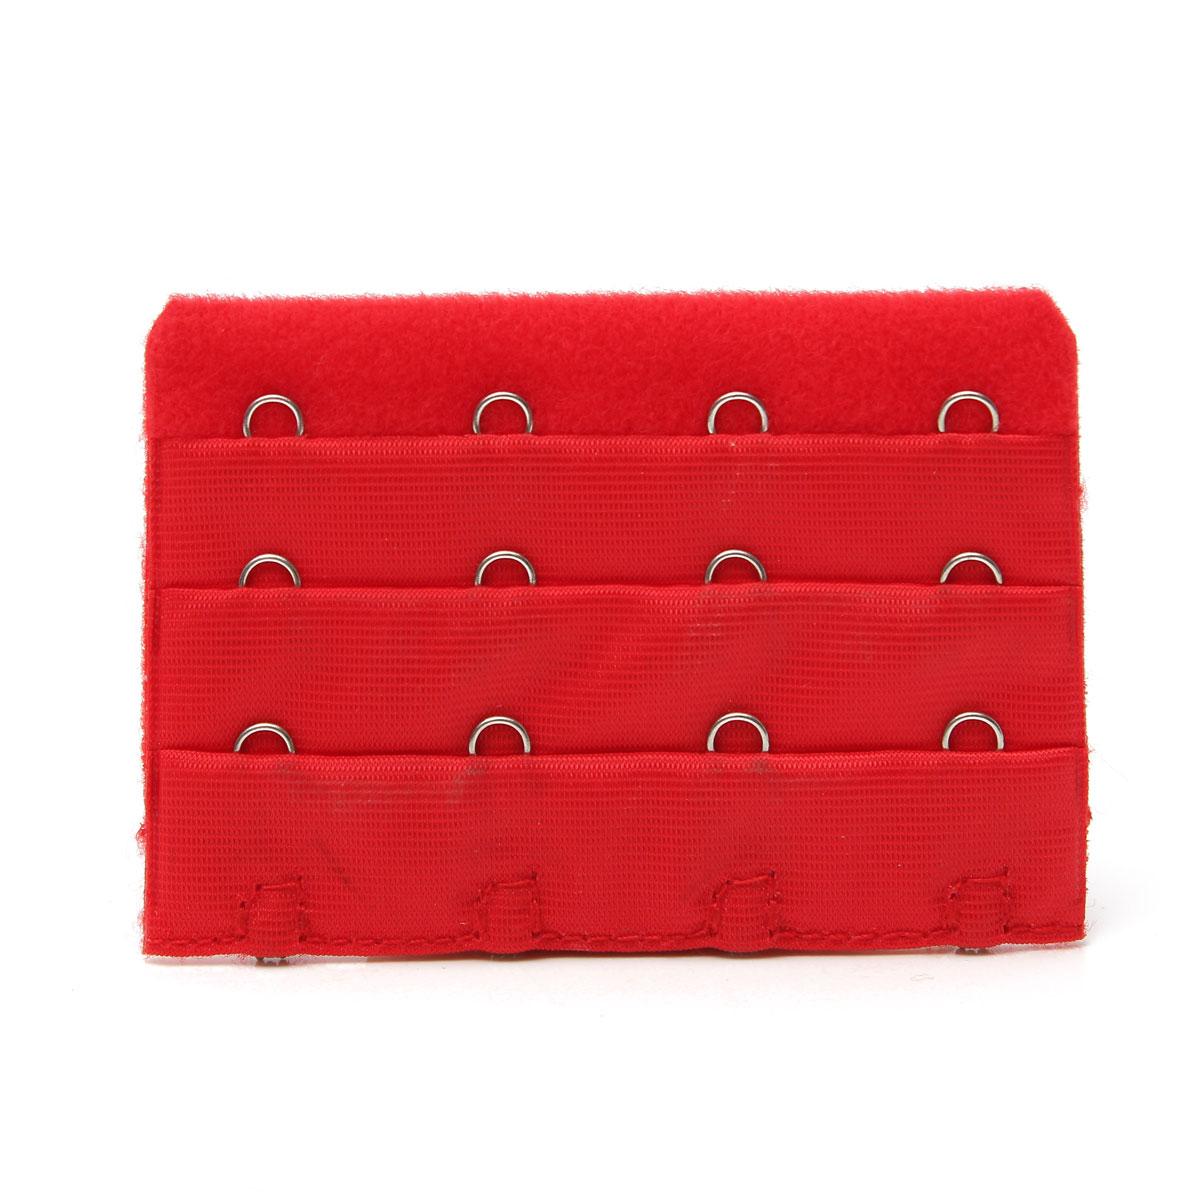 Женщины бюстгальтер 4 ряда 4 крючки бюстгальтер расширители застежки ремешка шитьё инструмент широкий расширение намекает аксессуары